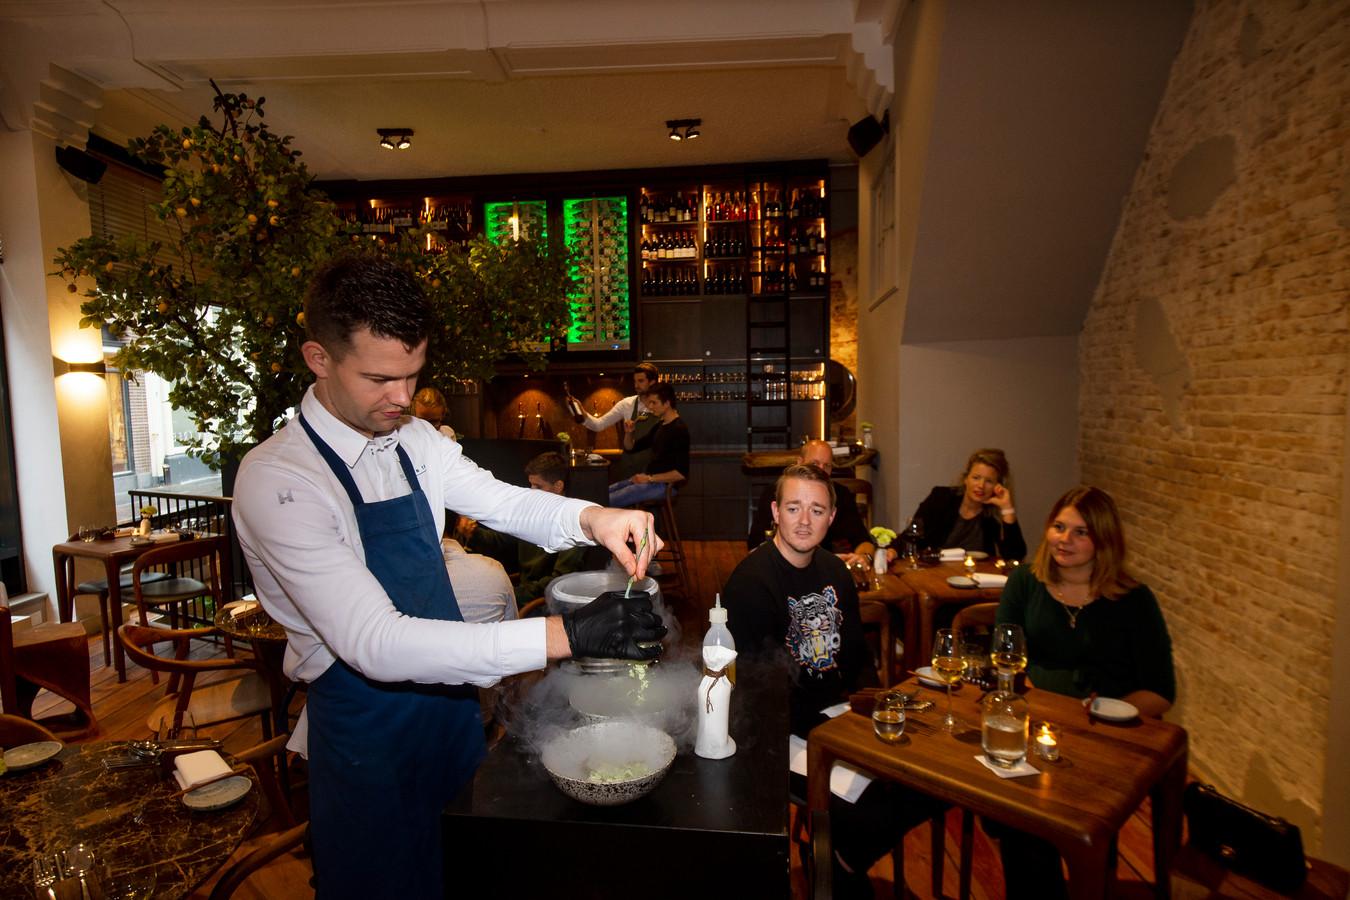 The Lemon Tree in Deventer. Aan tafel wordt in stikstof een anjer gevriesdroogd en als crumble over het voorgerecht met ceviche van zalm gestrooid.